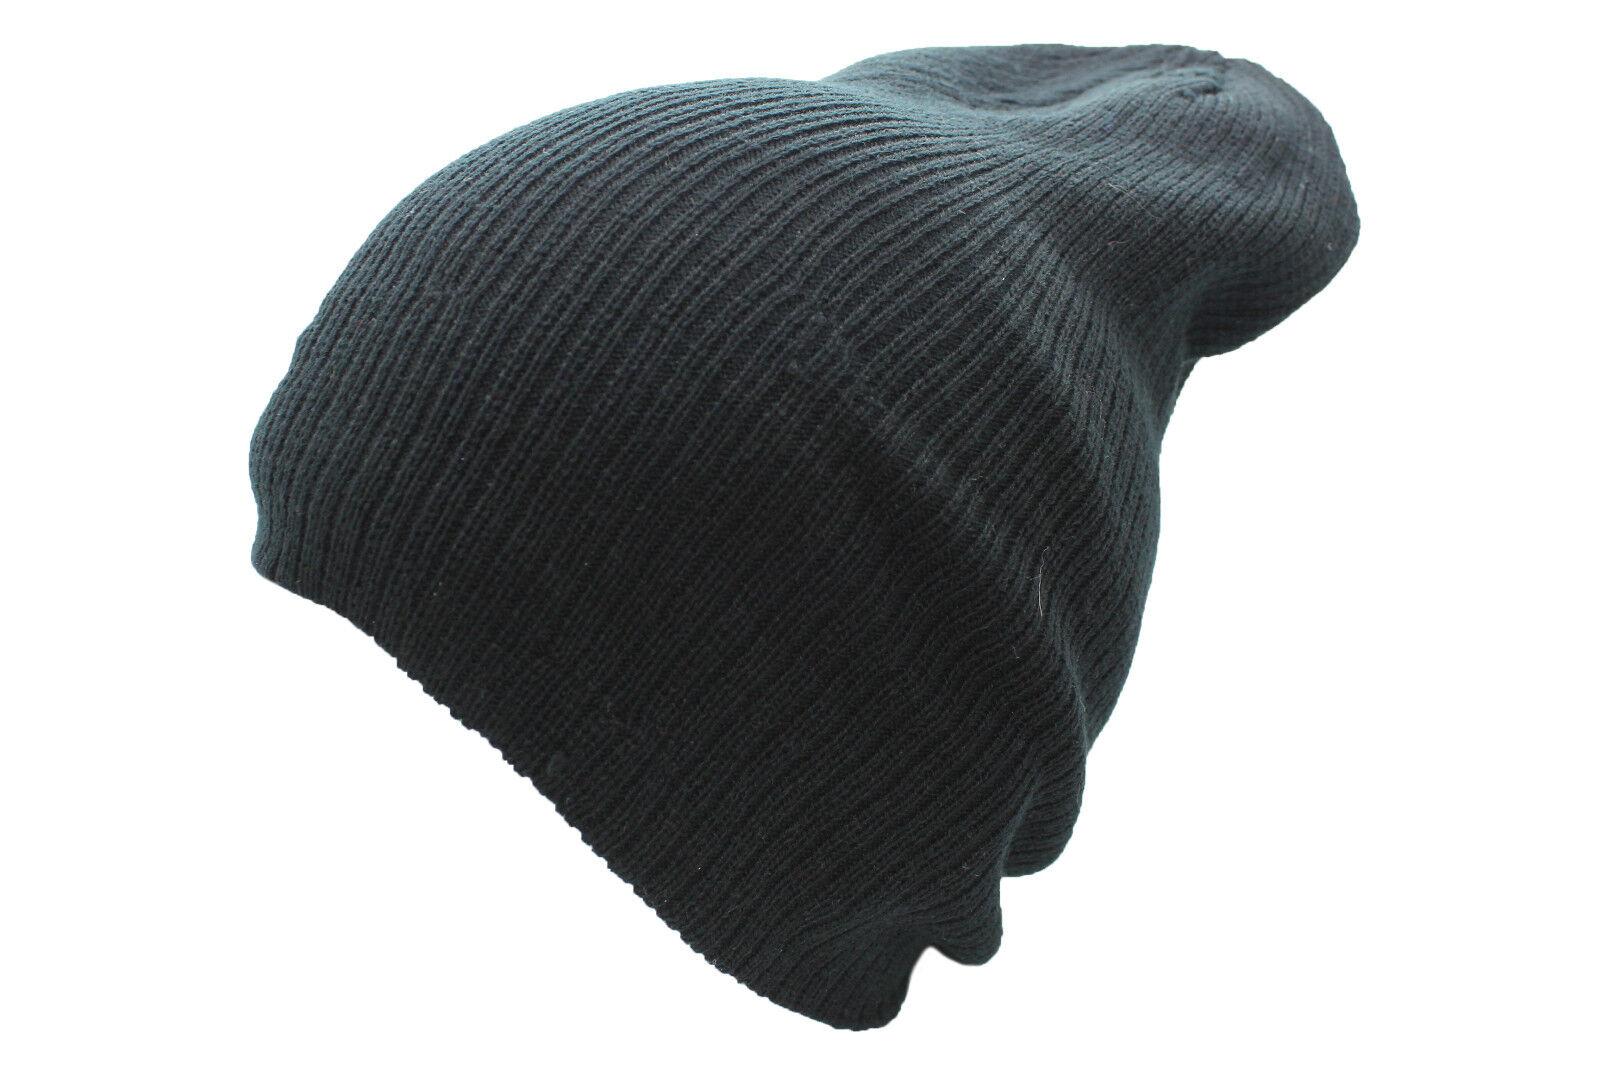 46fda7b8f60c4 Unisex Baggy Fit Beanie sombrero del invierno Soft Feel Slouch Gorro de lana  4 Colores